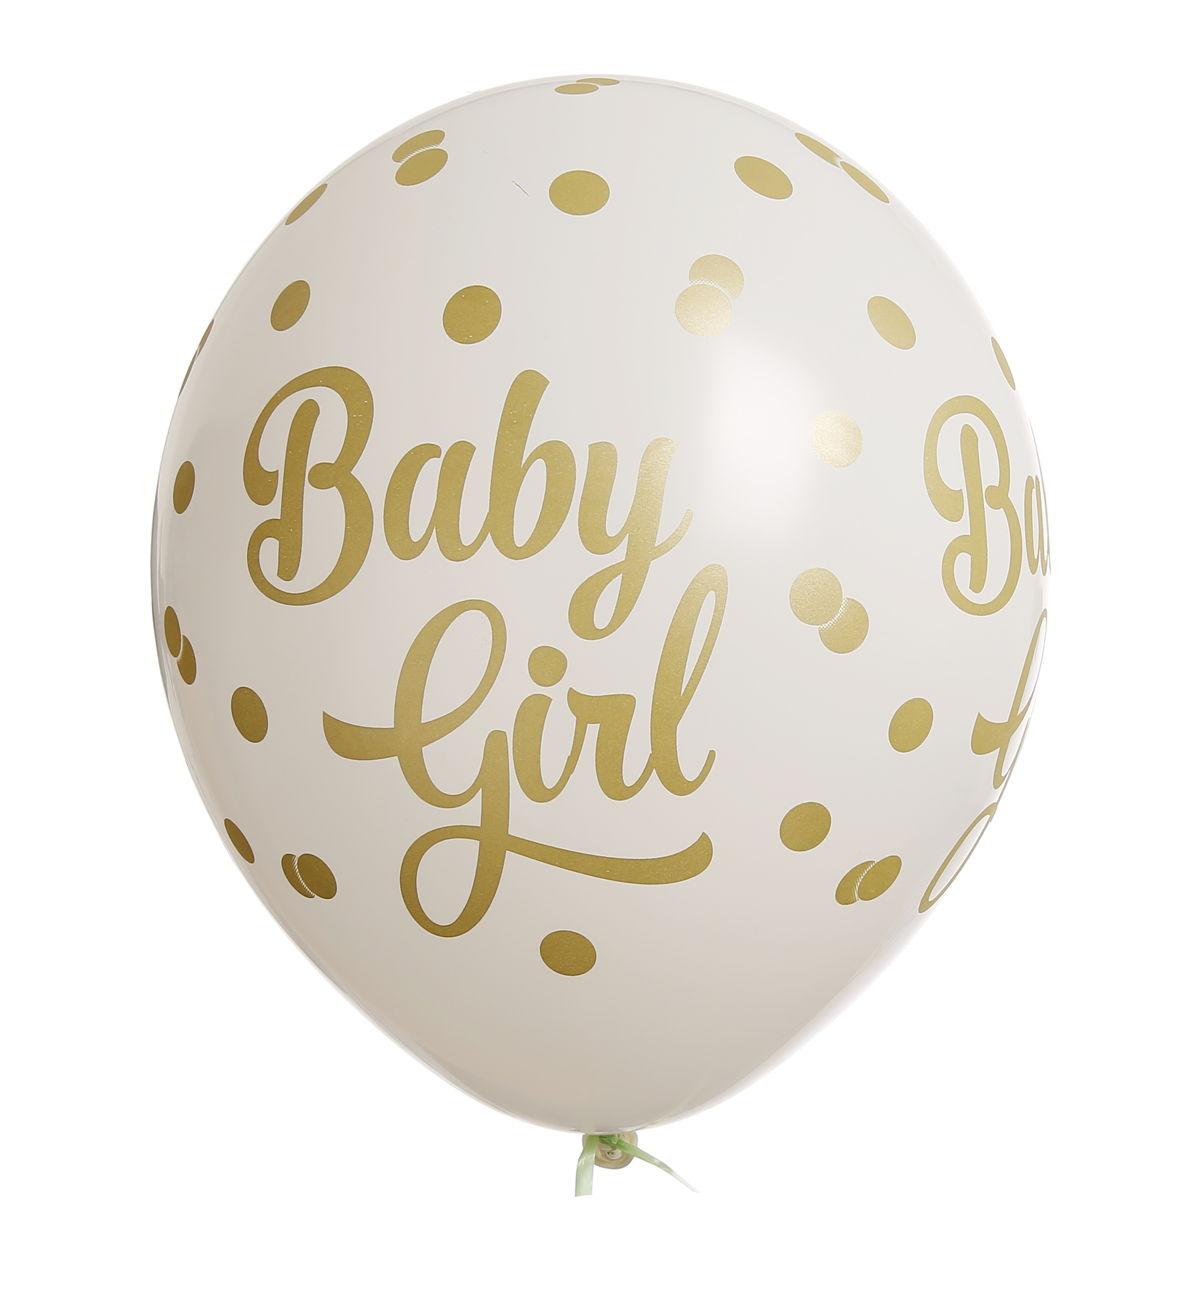 Kleed je locatie aan met leuke ballonnen - AVA, 1,65 € voor 6 stuks